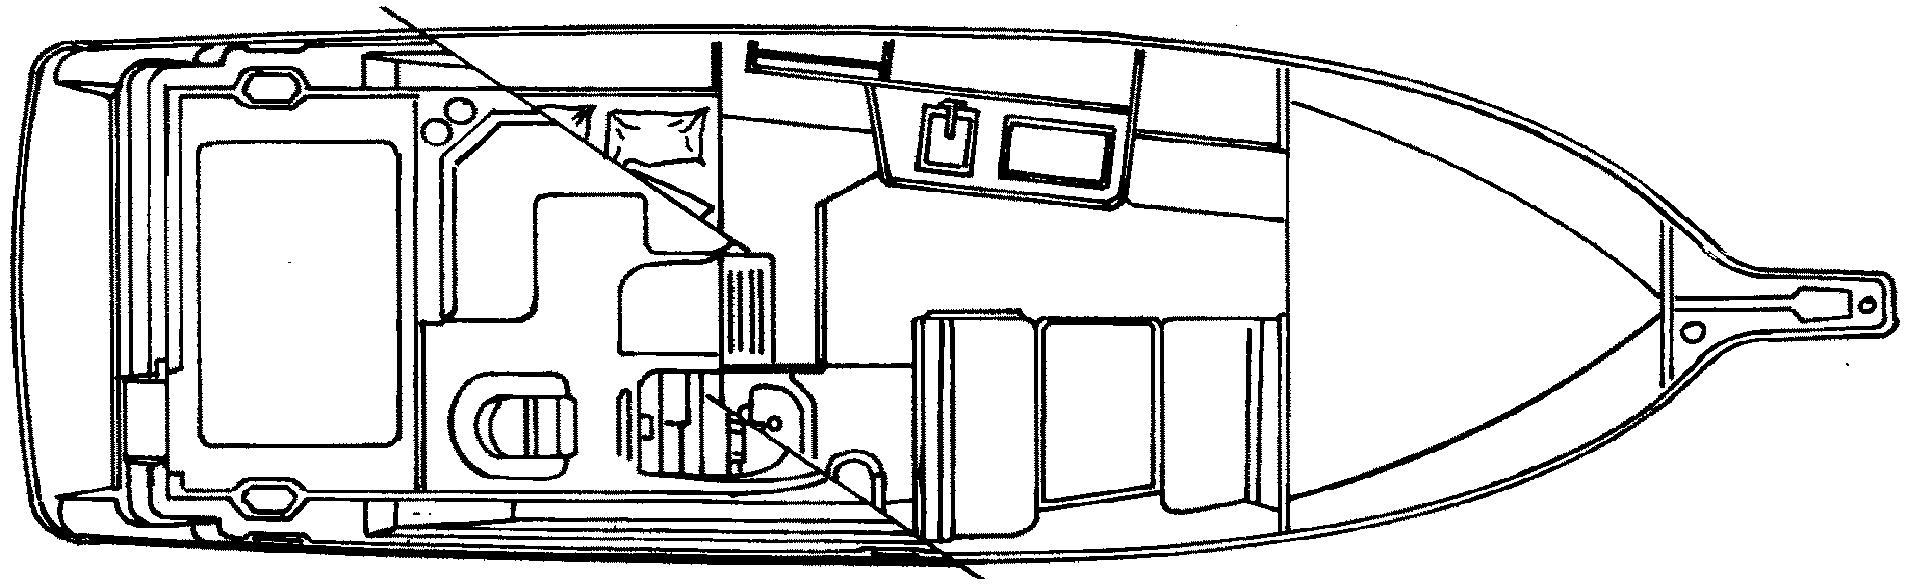 2855 Ciera Sunbridge Floor Plan 1